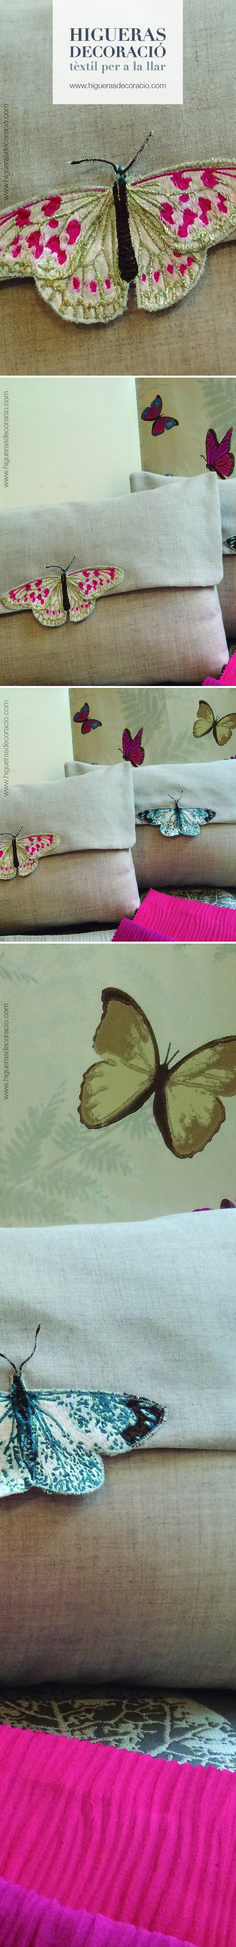 Las mariposas del estampado del papel pintado de la pared nos sirven como elemento decorativo de los cojines con solapa. Estancias repletas de detalles. www.higuerasdecoracio.com